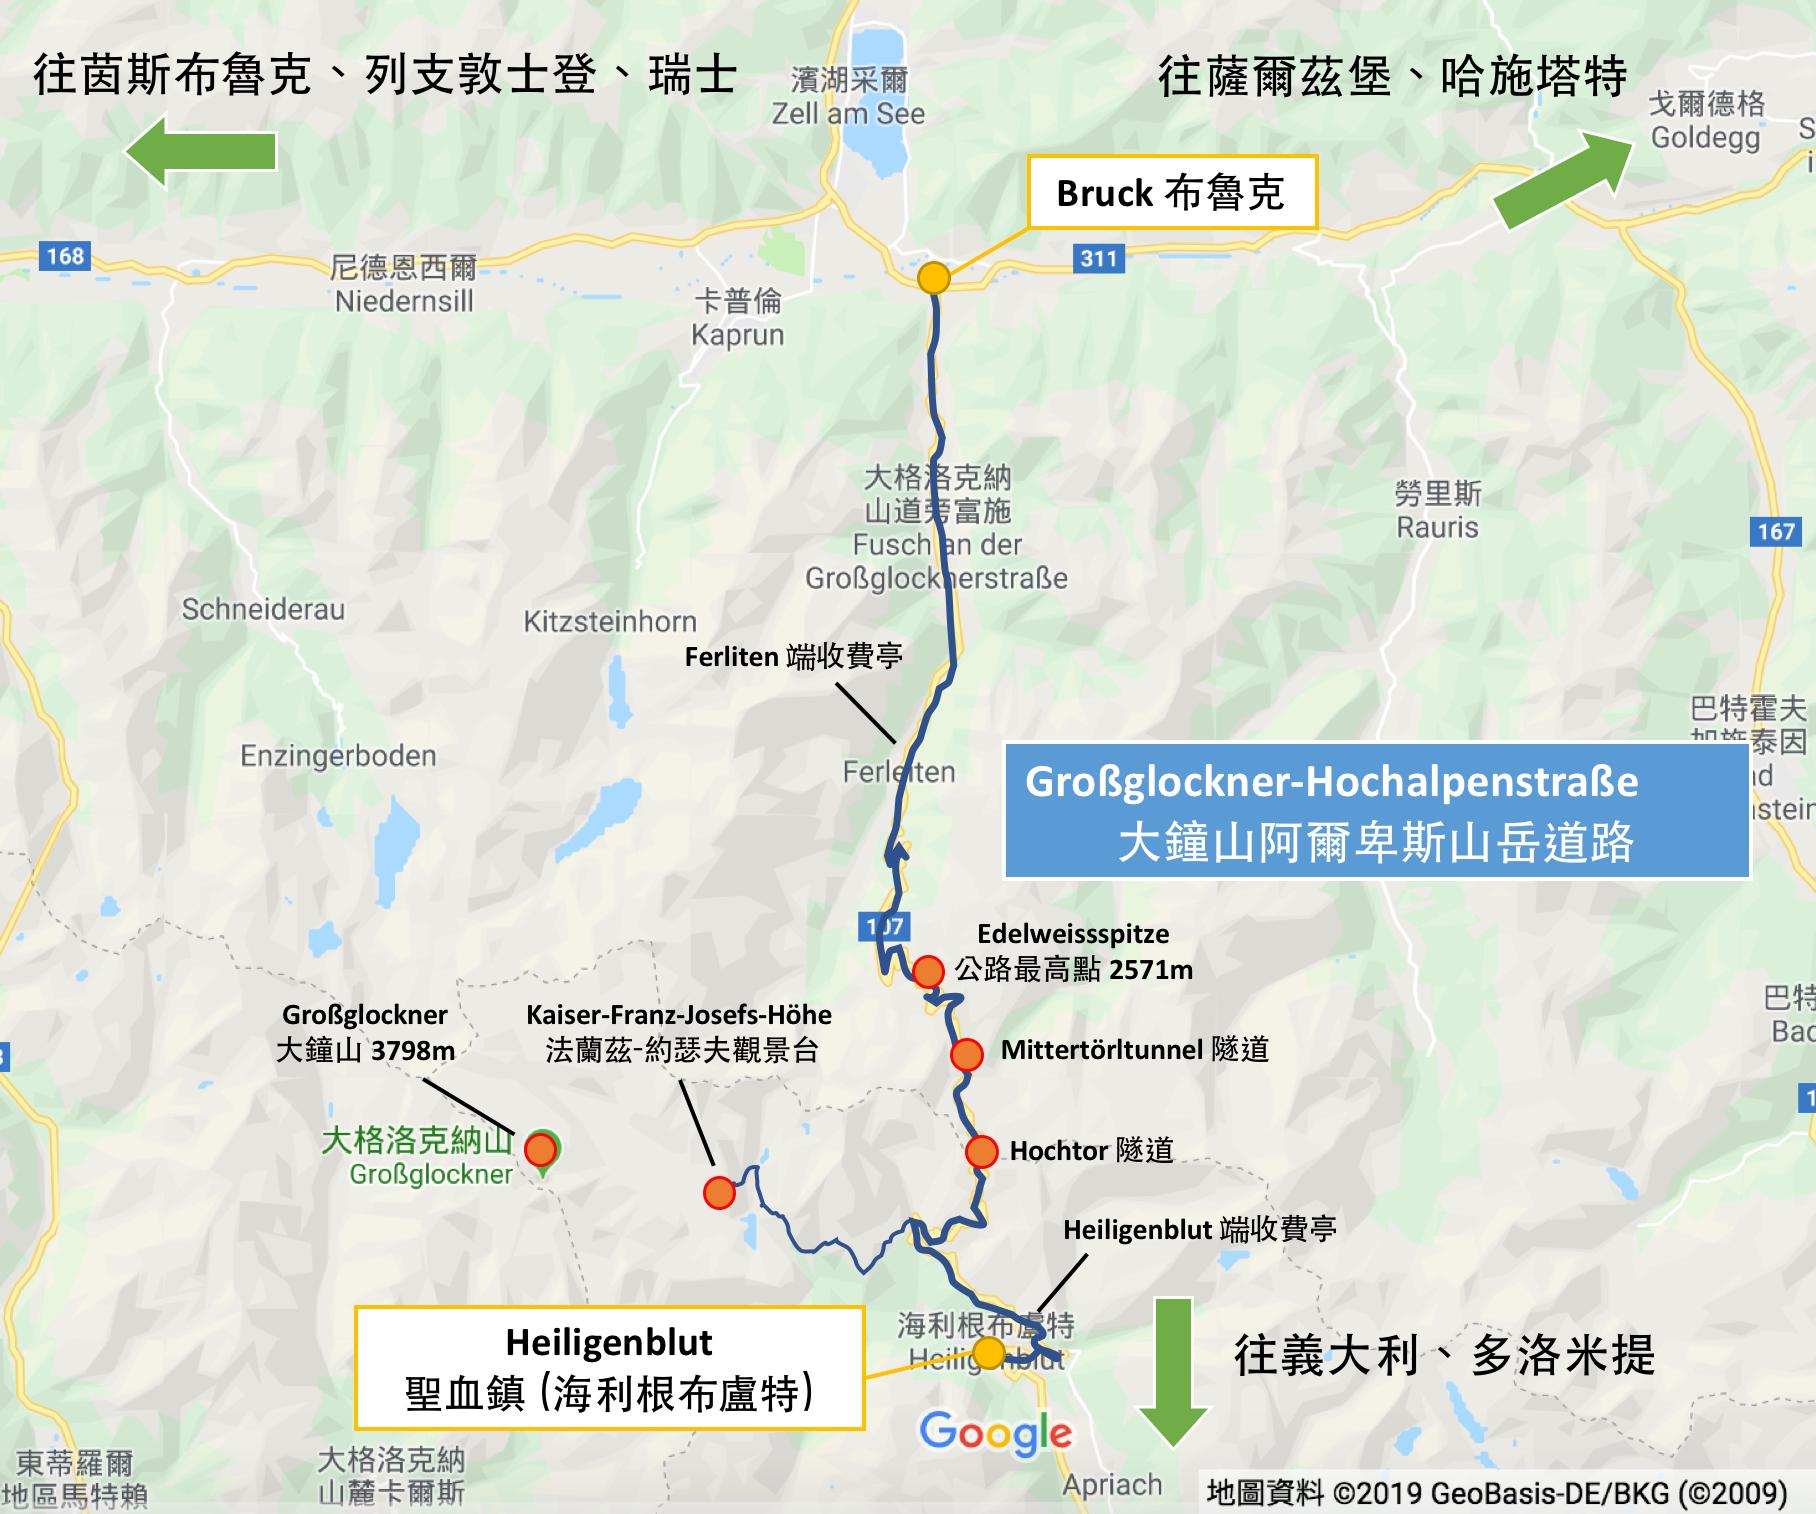 【奧地利】穿越阿爾卑斯之巔 — 奧地利大鐘山冰河公路 (Grossglockner High Alpine Road) 2